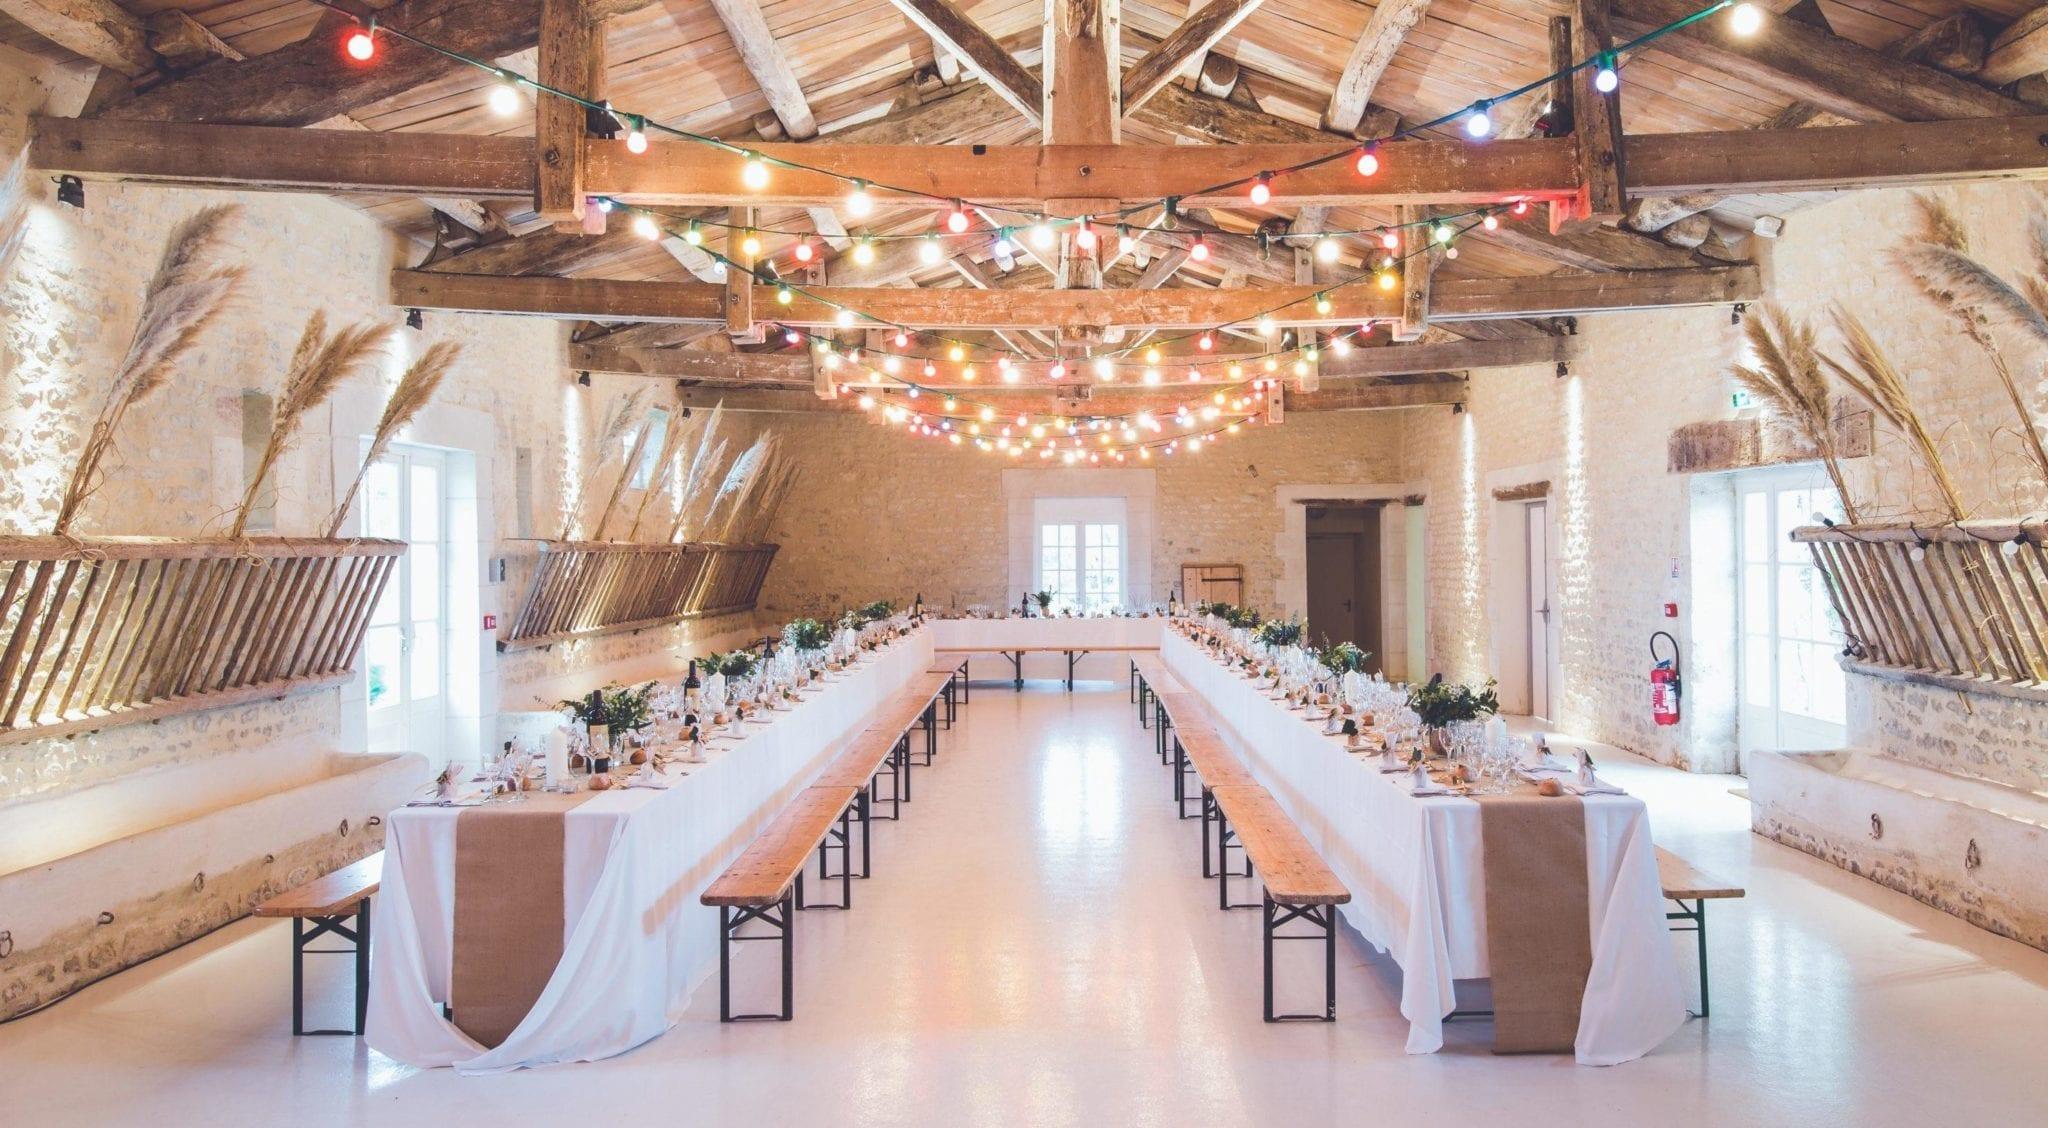 Les idées de plan de table peuvent ressembler à ça, avec deux longues tables qui s'étendent tout au long de la salle.